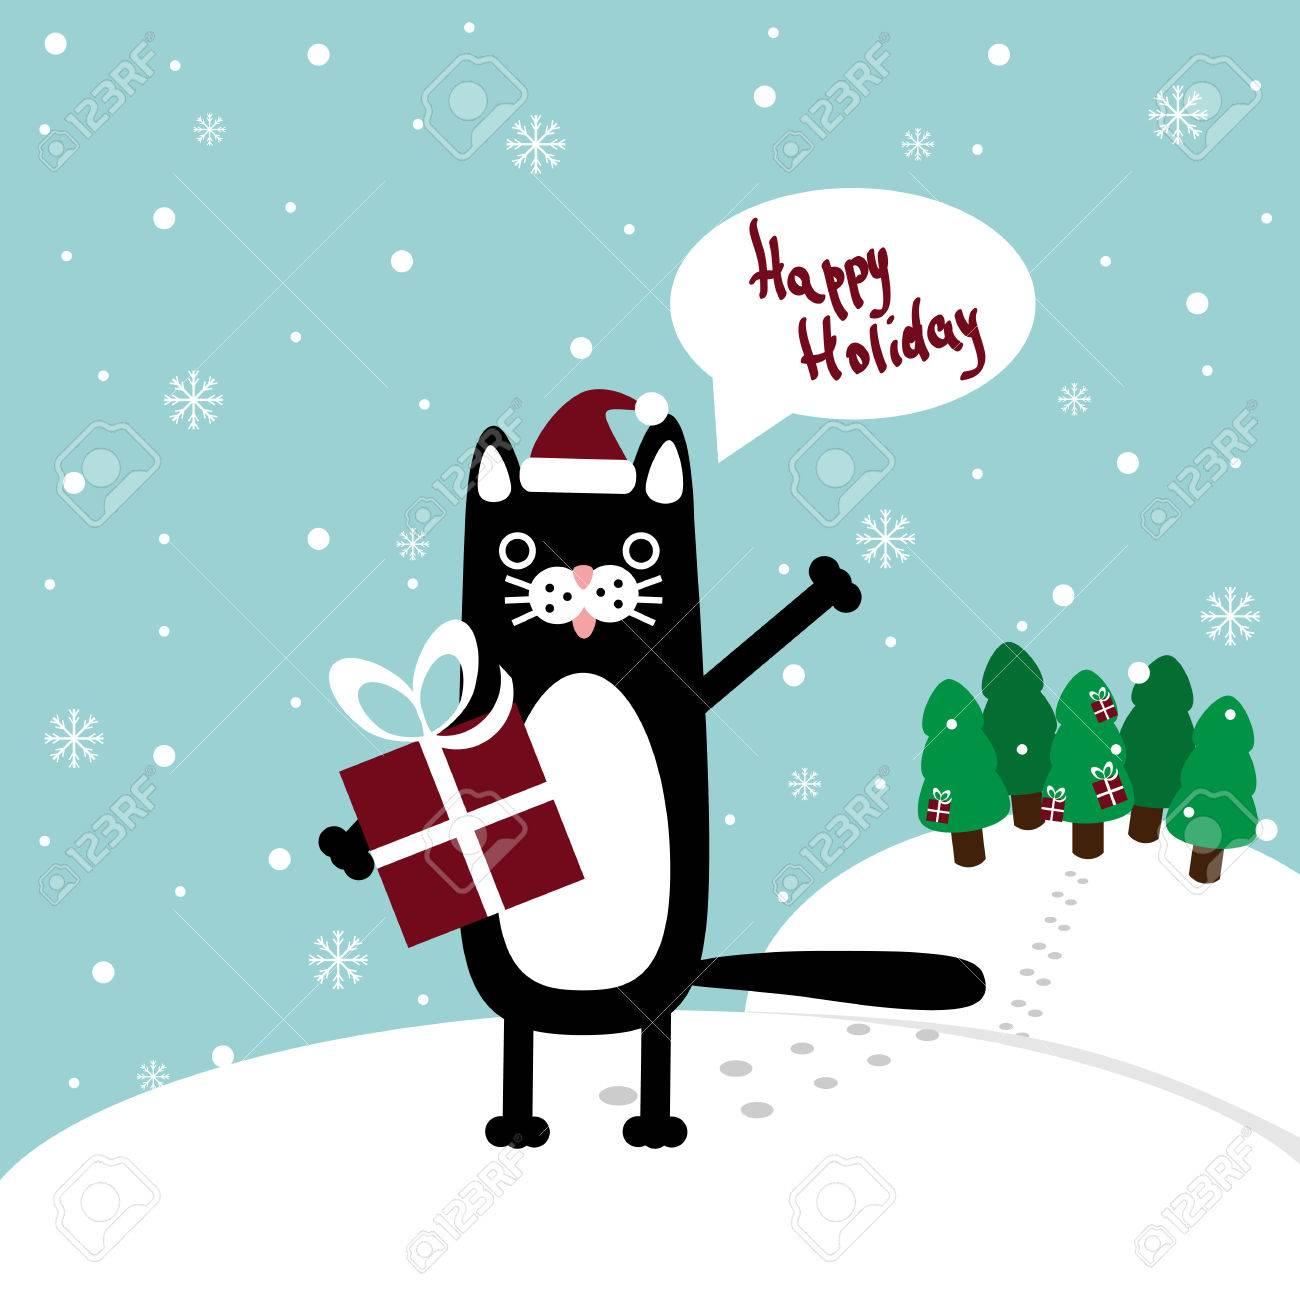 christmas card cartoon cat in santa hat present and vector christmas card cartoon cat in santa hat present and place for greetings vector template